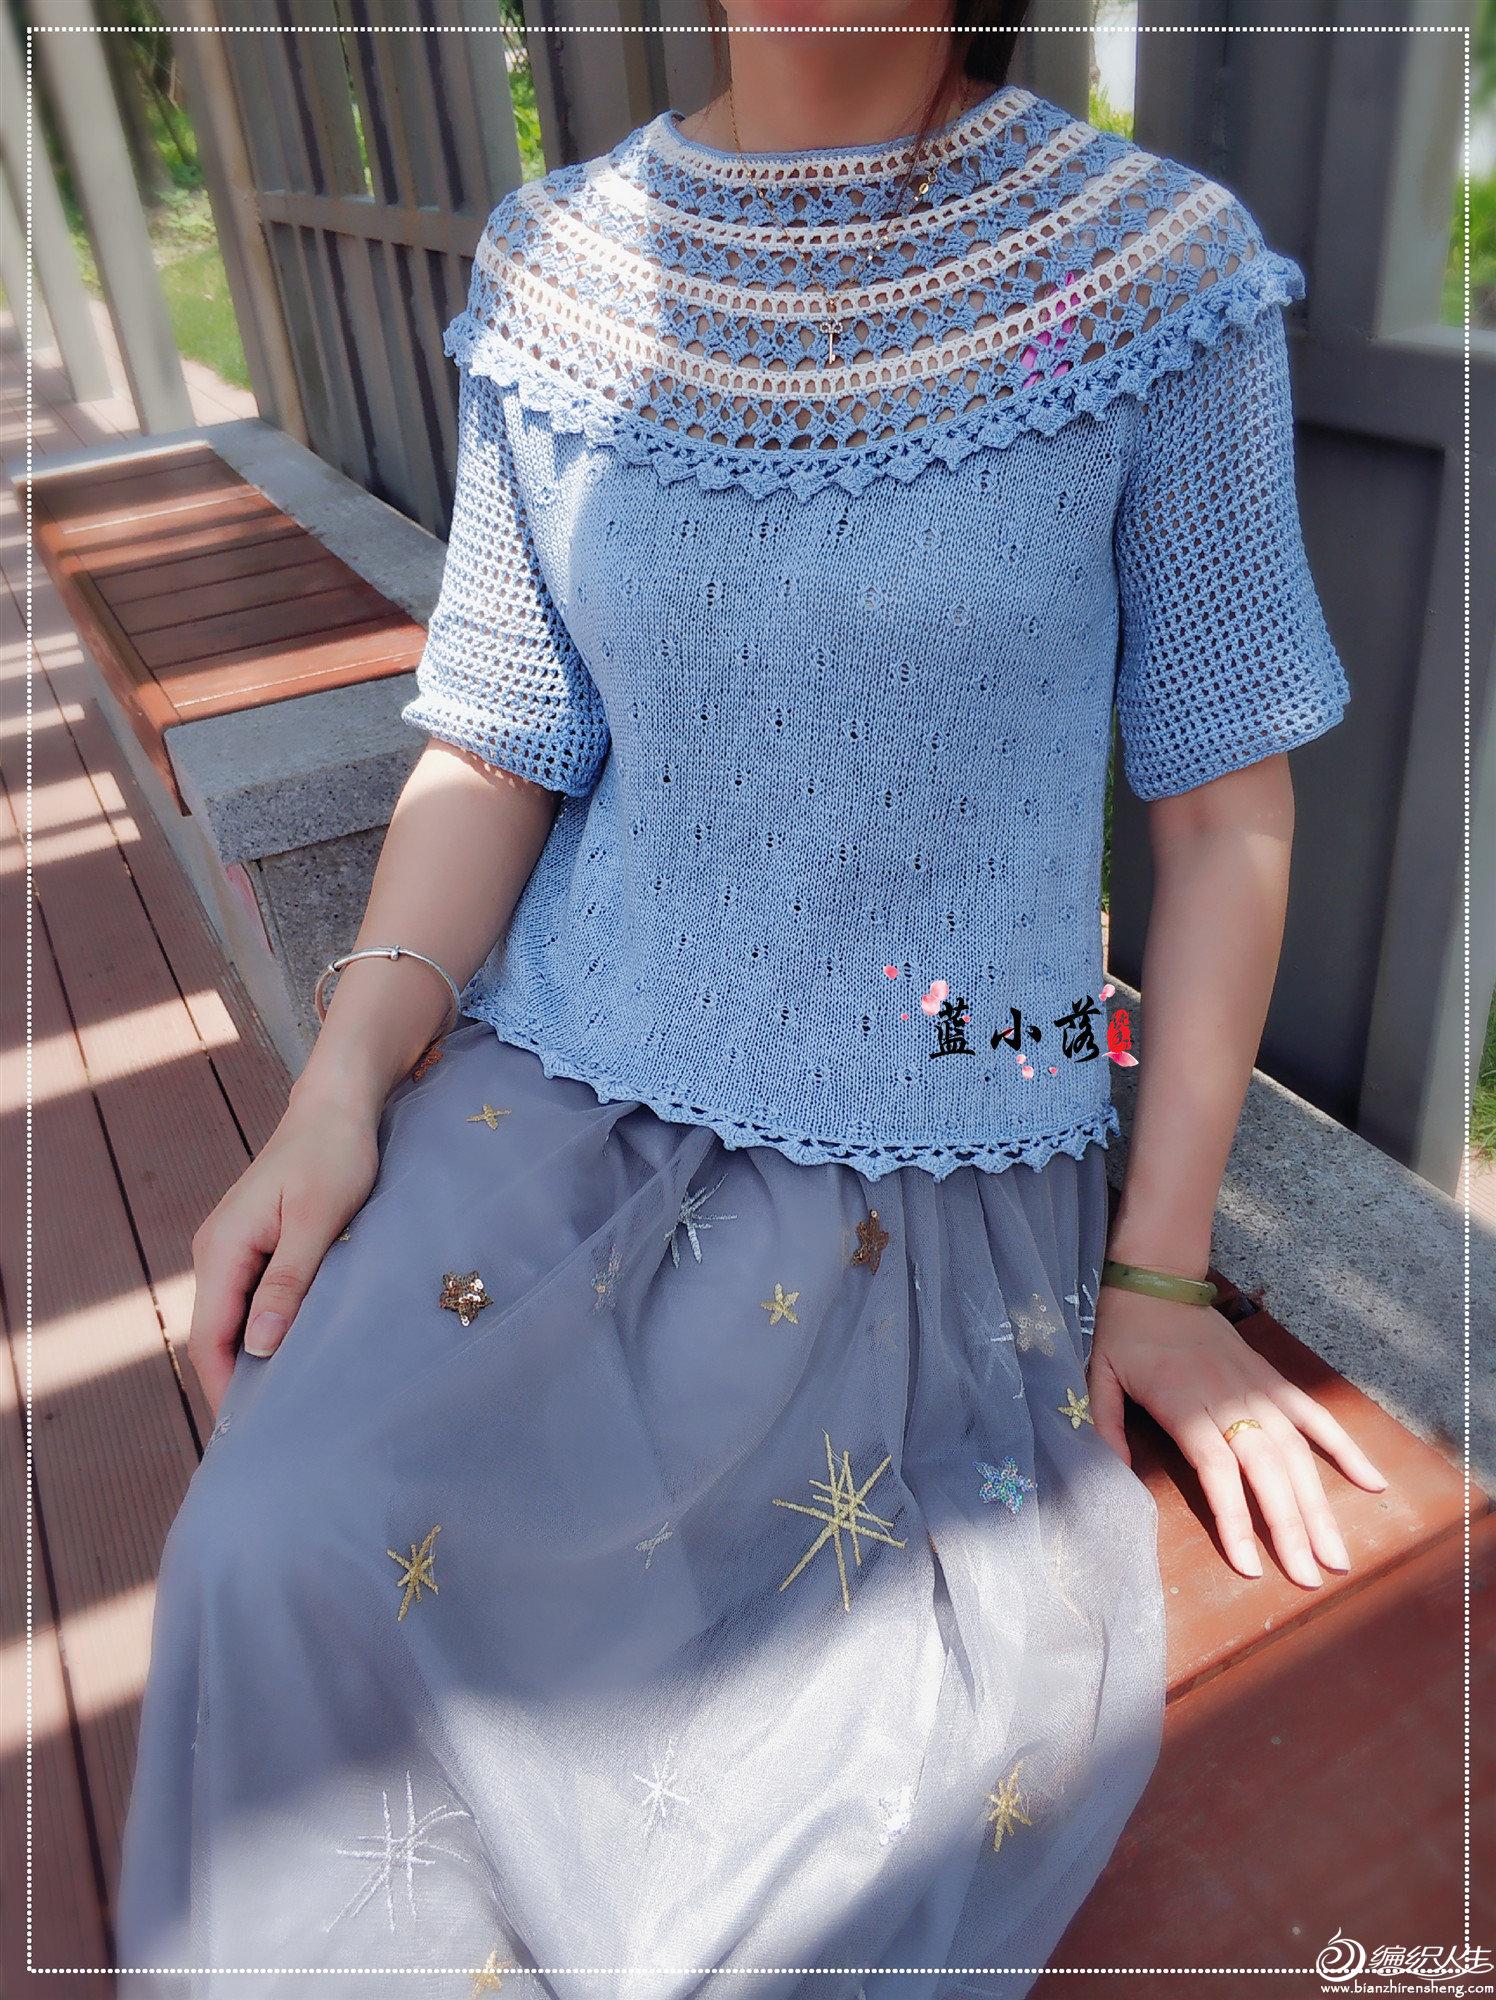 手工编织女士中袖衫